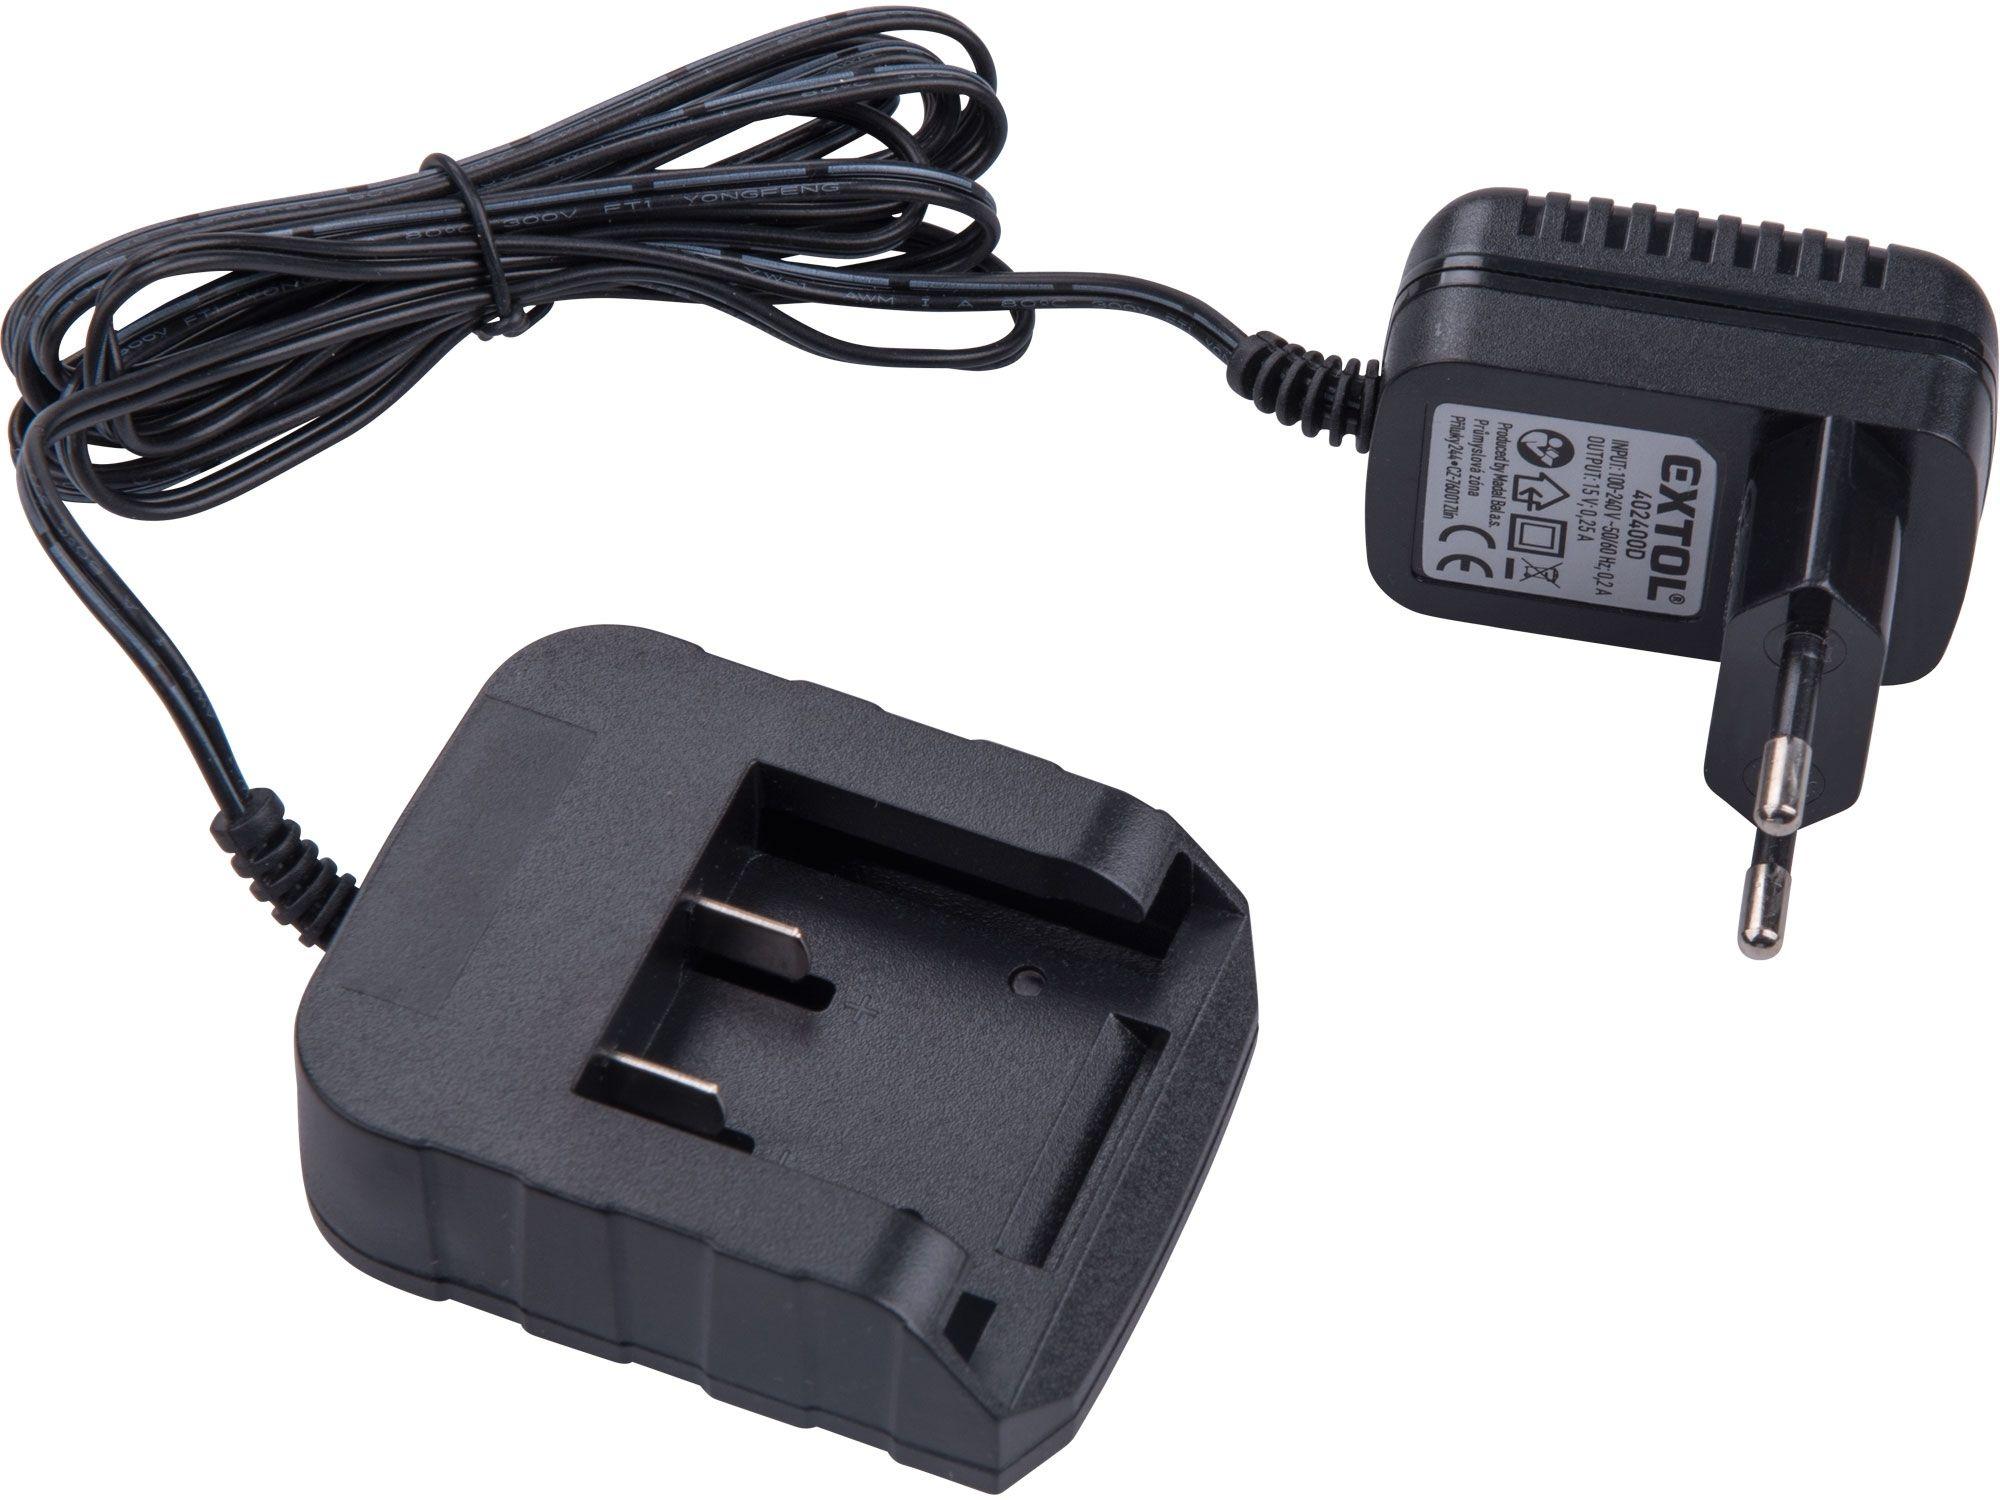 Nabíječka, pro 12V Li-ion baterie, vhodné pro 402400 EXTOL-CRAFT